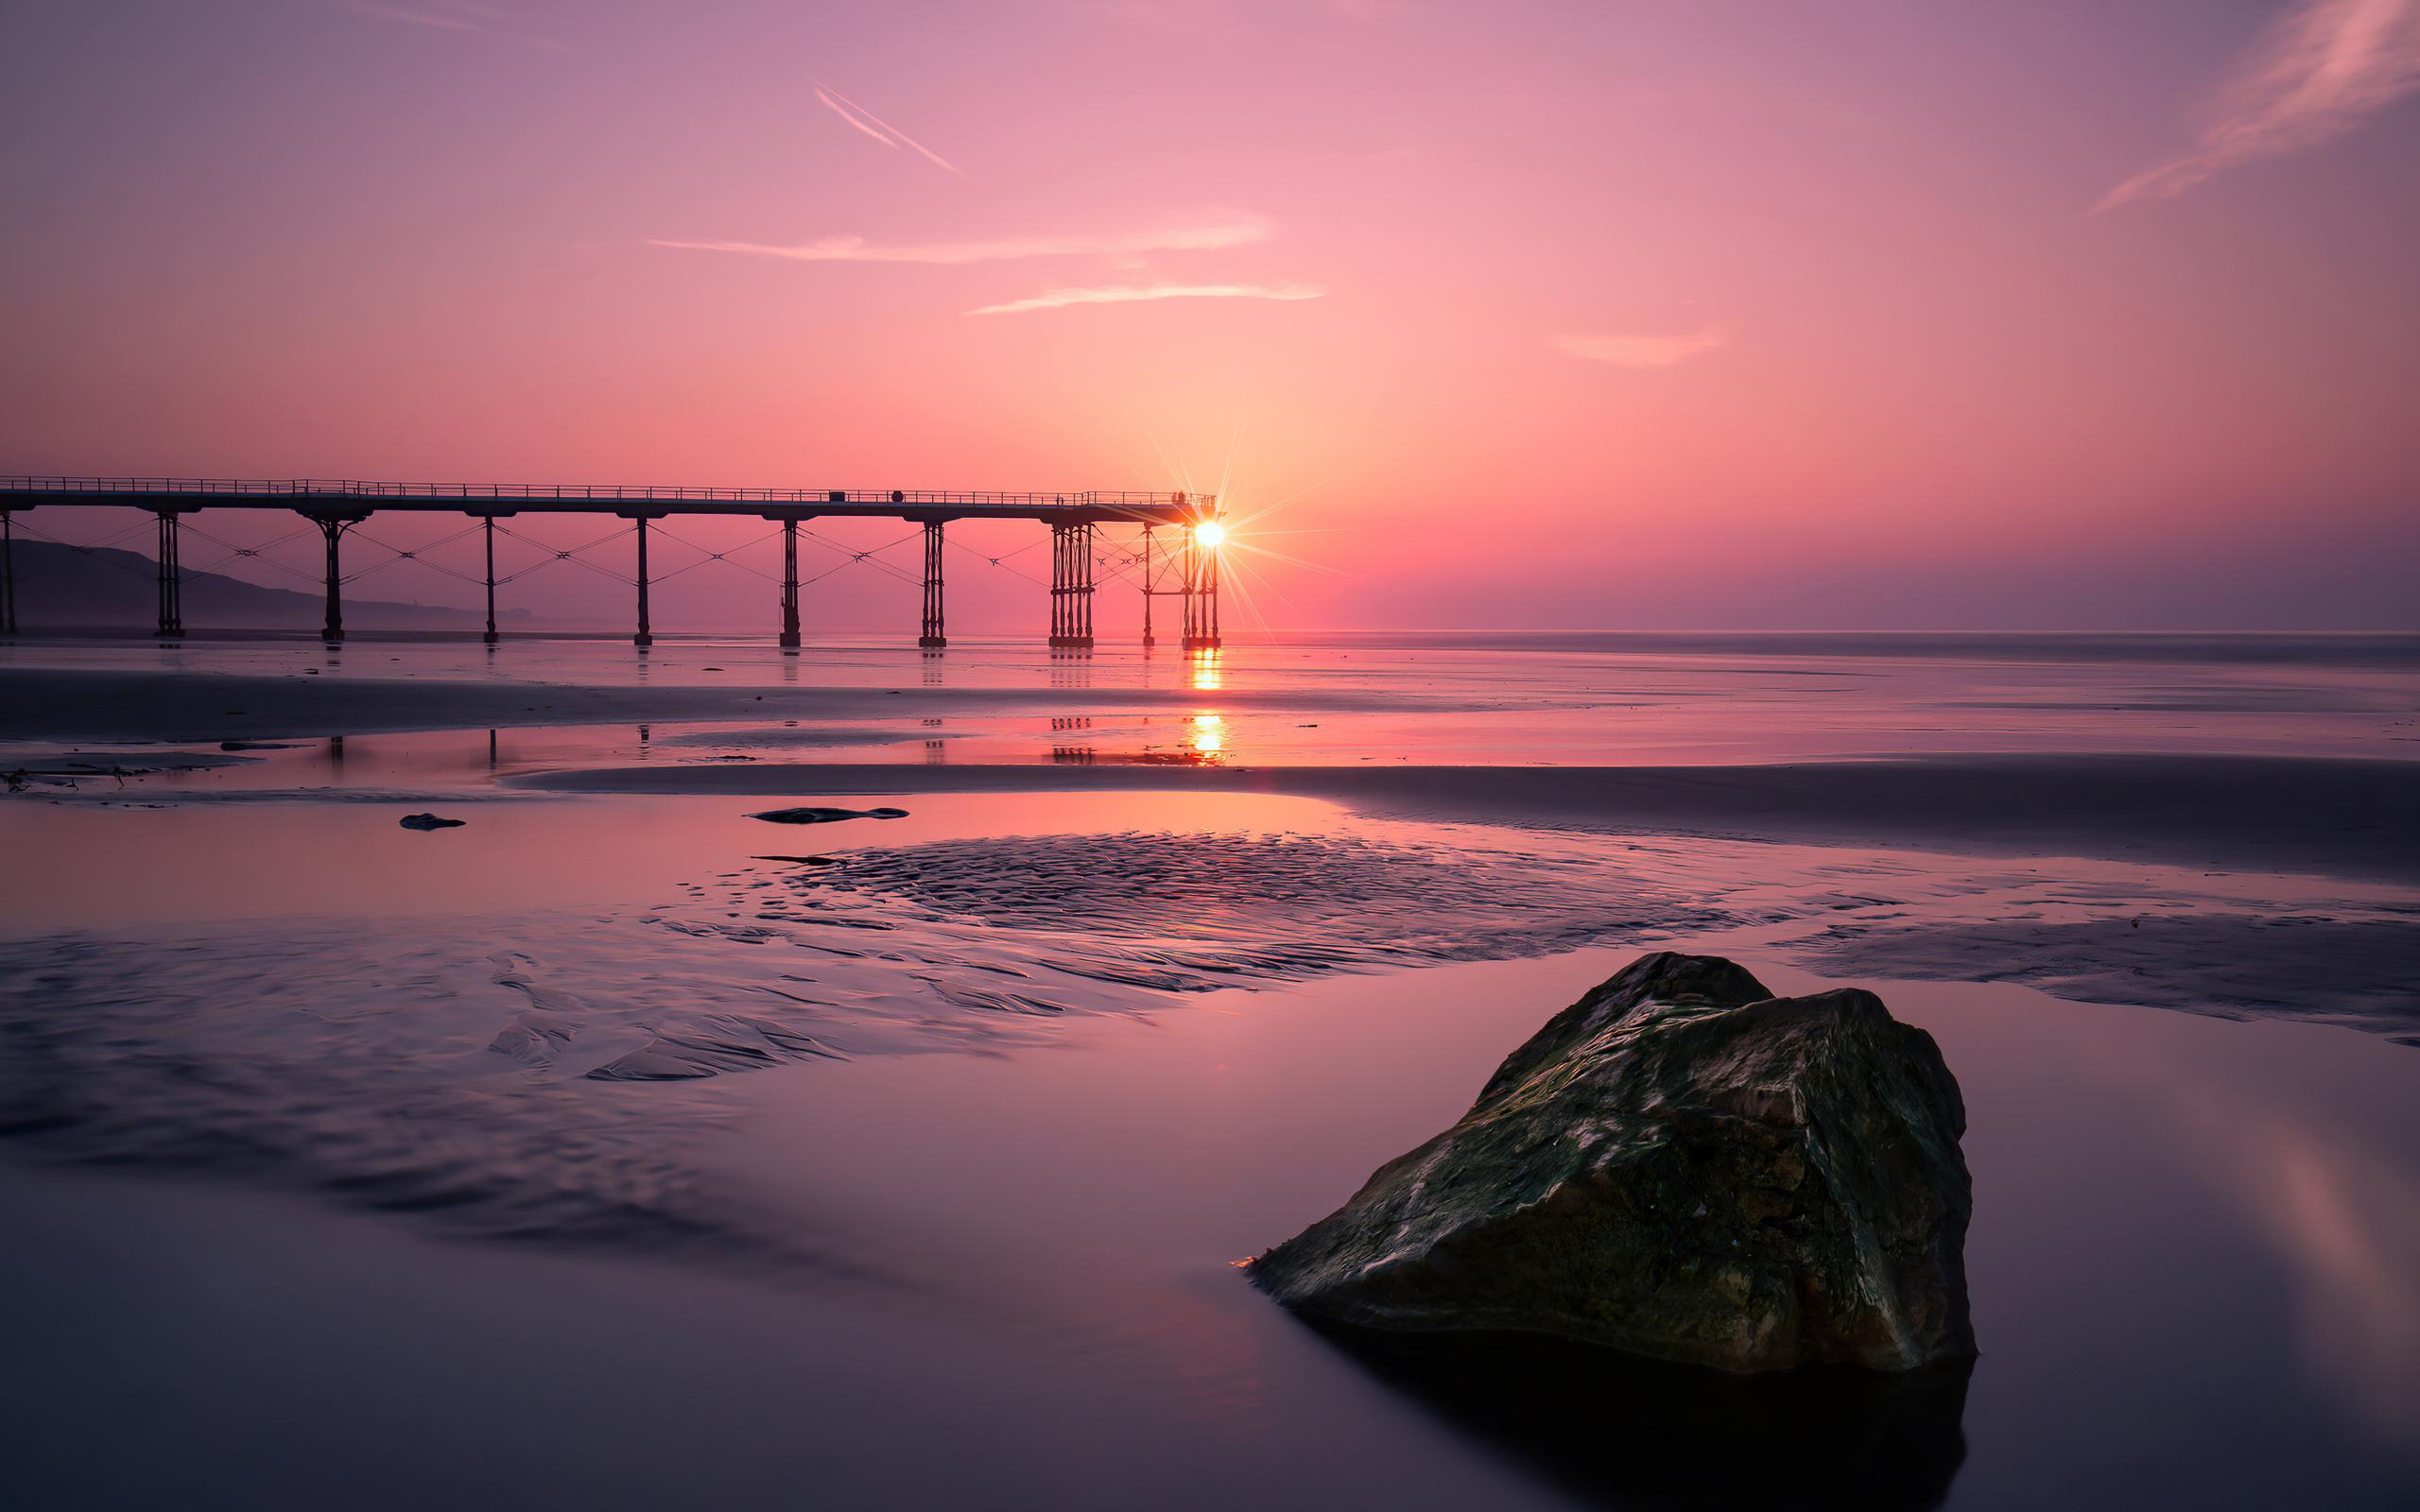 закат, берег, пляж